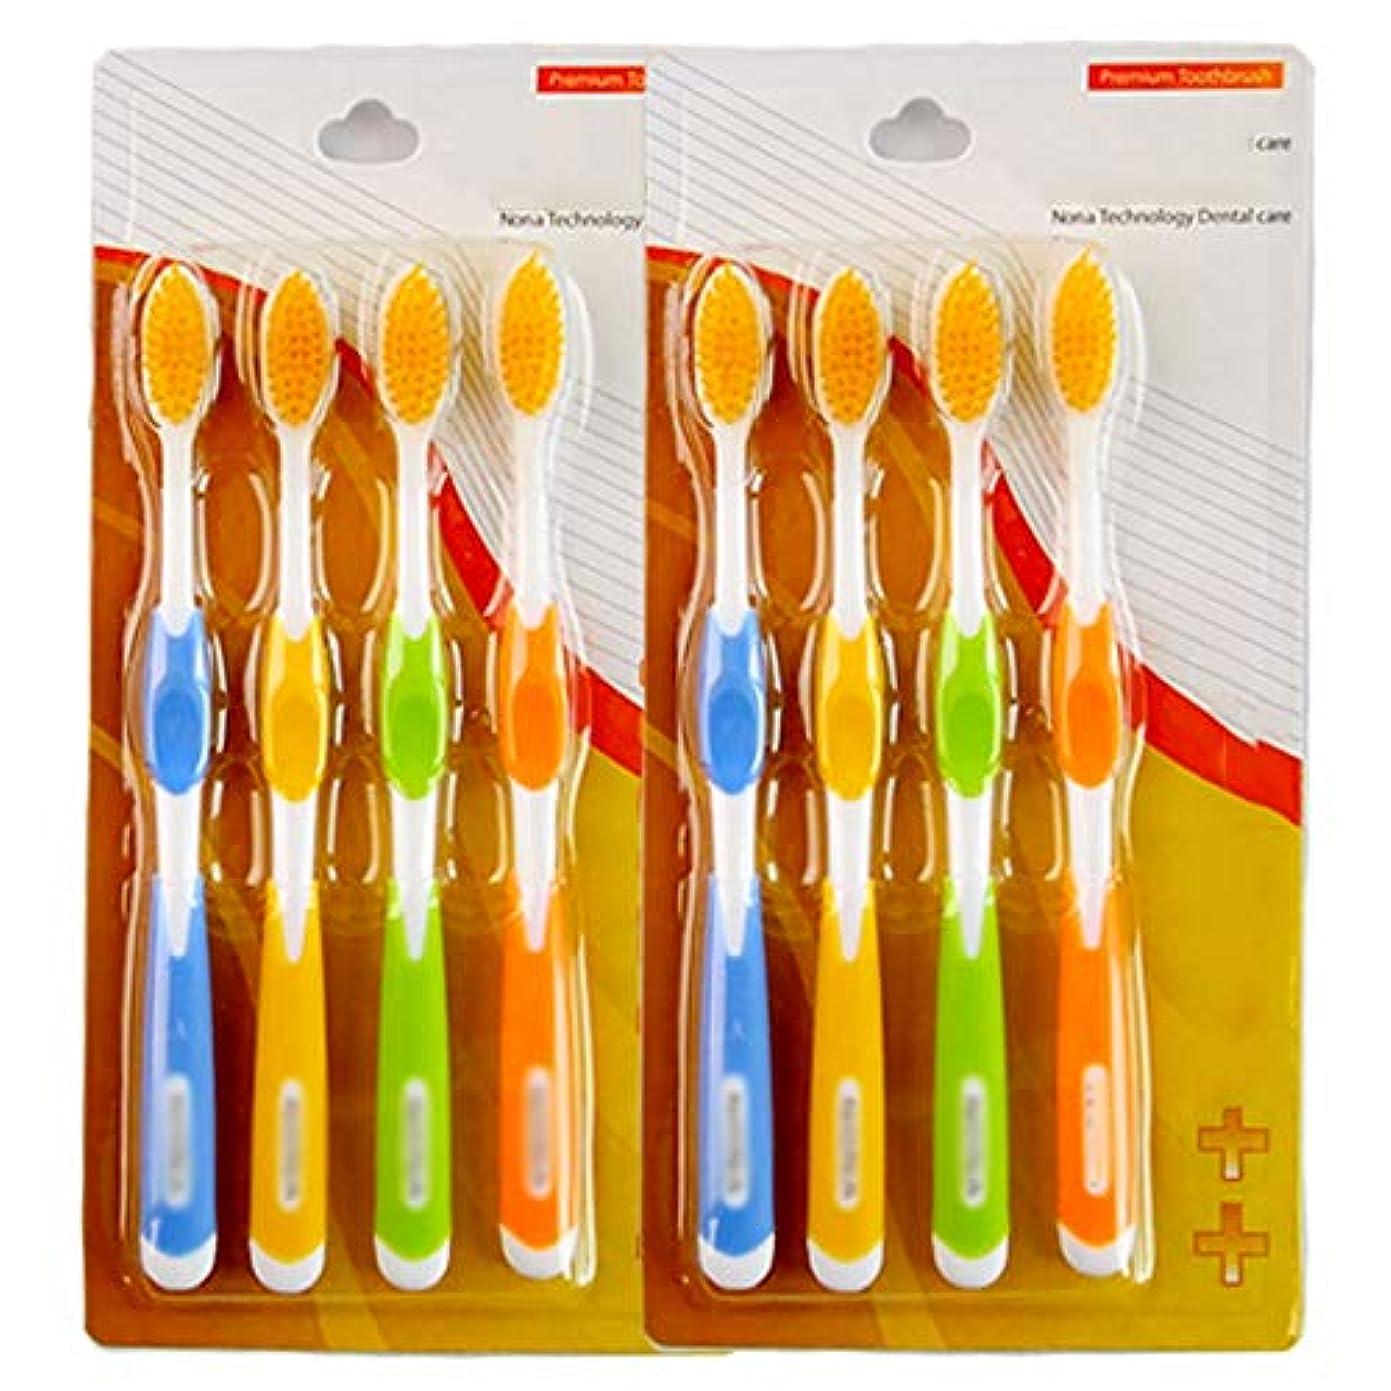 できる食欲忠誠歯ブラシ 8本の歯ブラシ、竹炭歯ブラシのスティック、口臭や白く歯を改善 - 使用可能なスタイルの2種類 HL (サイズ : B - 8 packs)